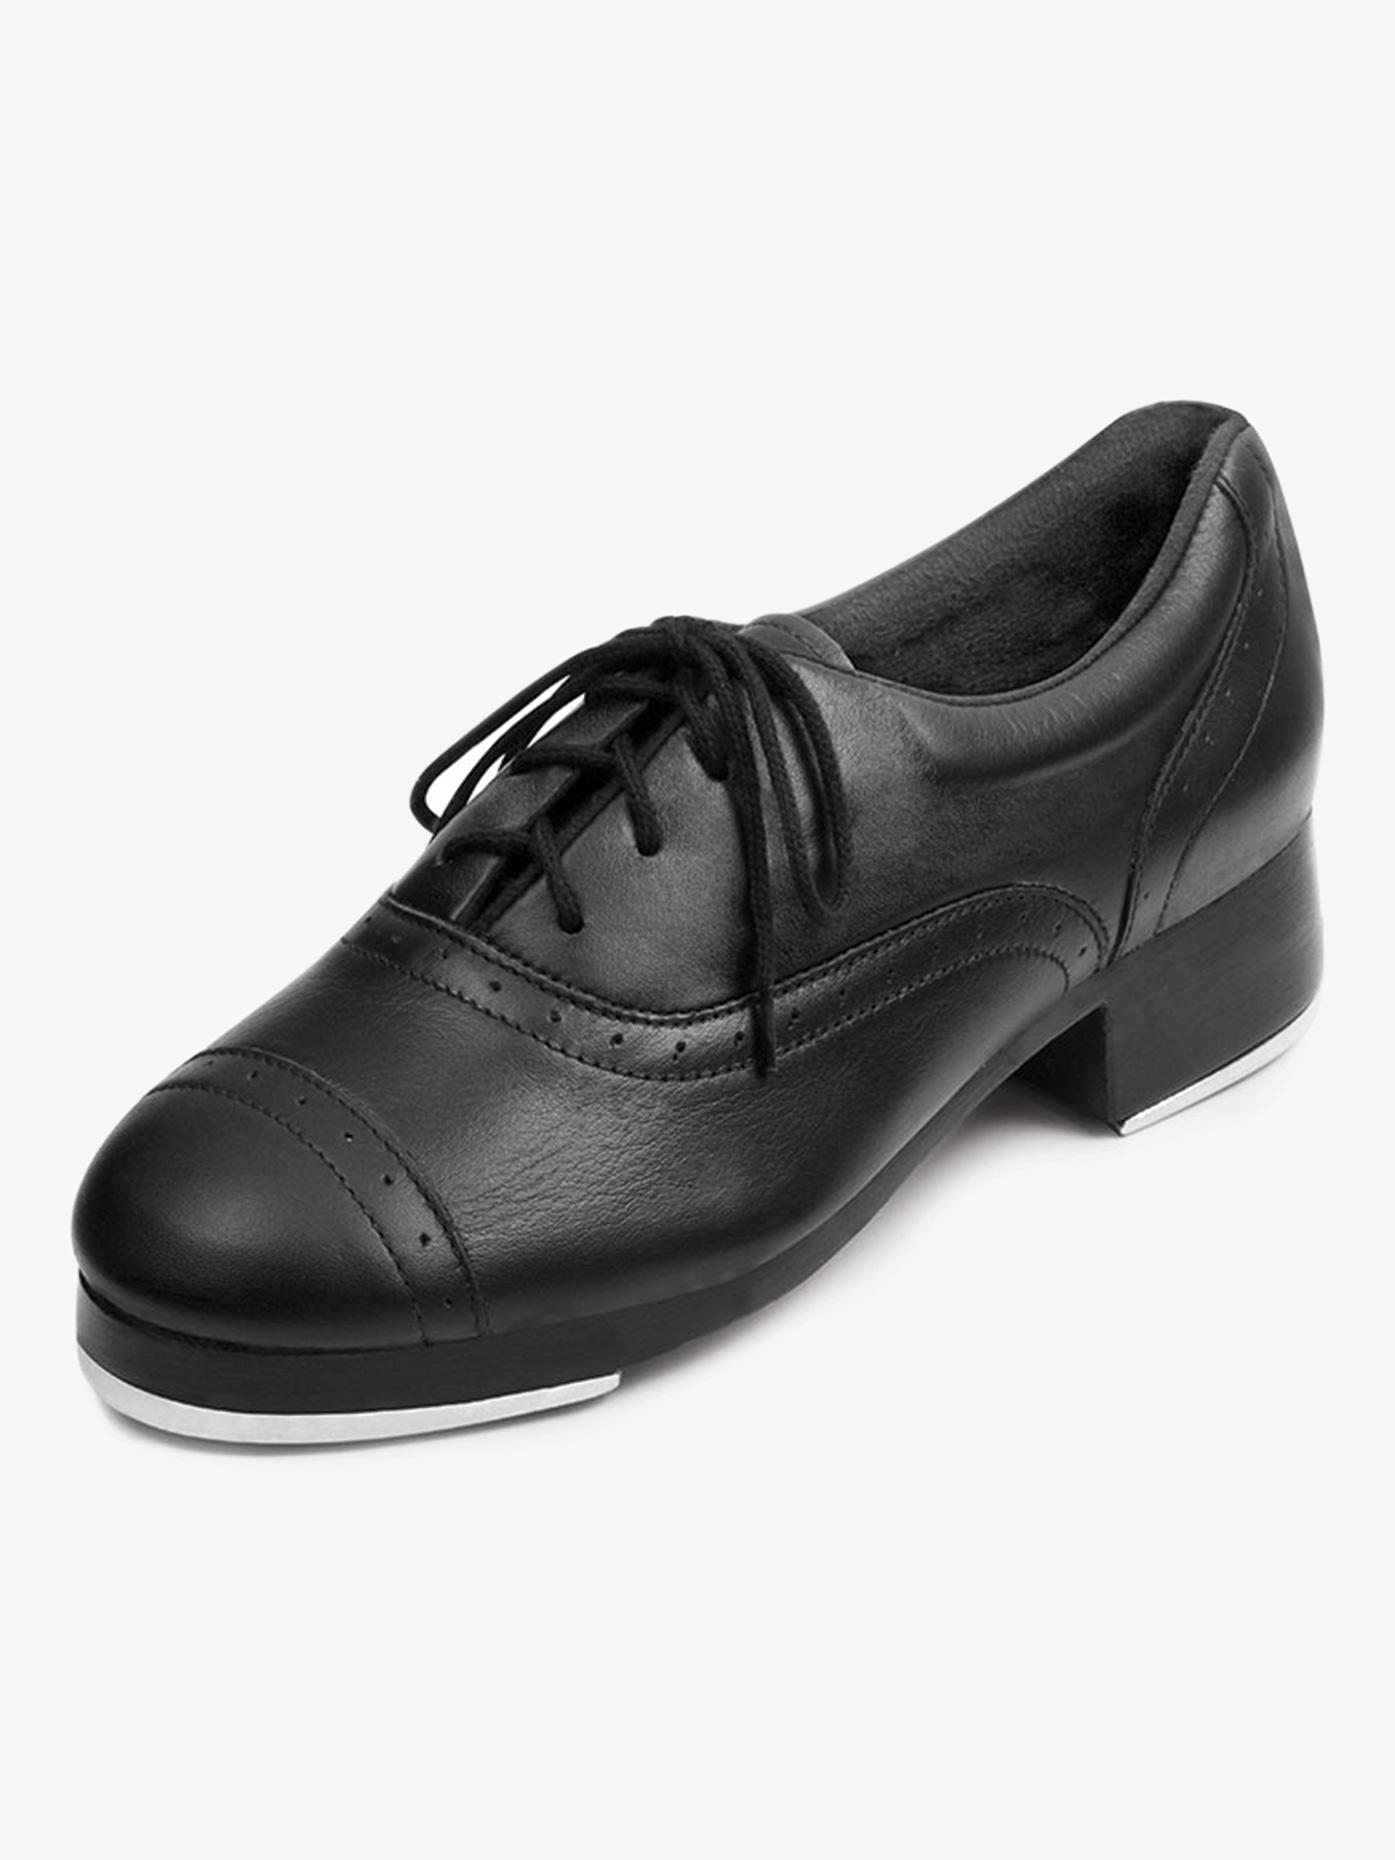 Bloch Womens Jason Samuel Smith Lace Up Tap Shoes S0313L